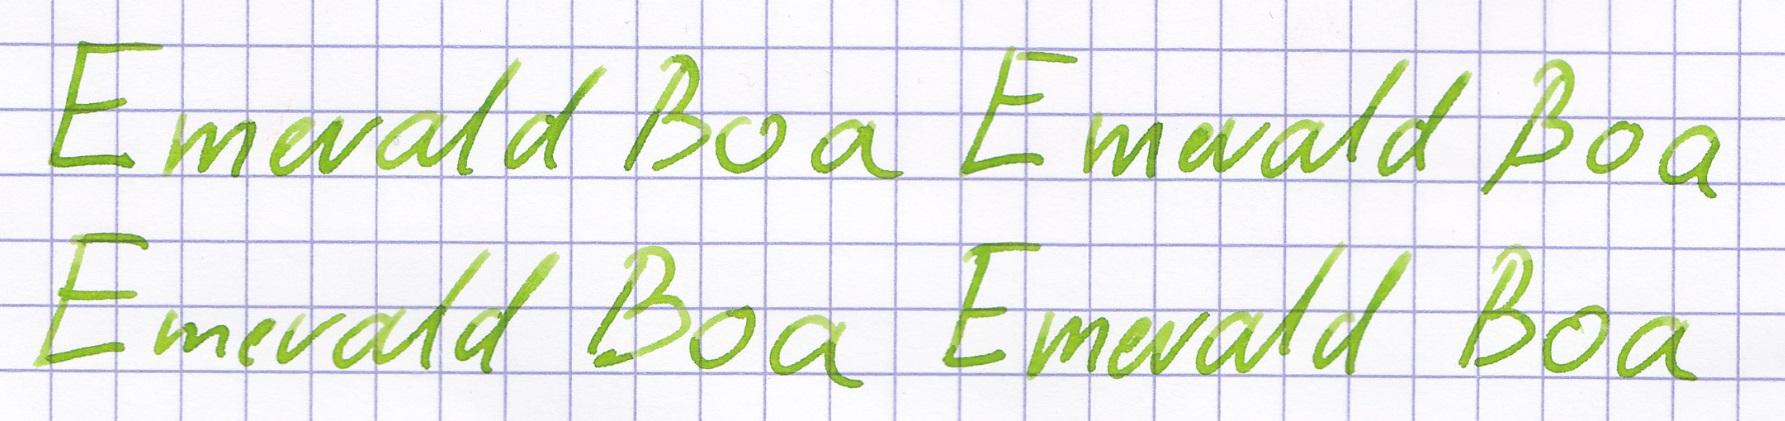 fpn_1460524279__emeraldboa_ox_1.jpg